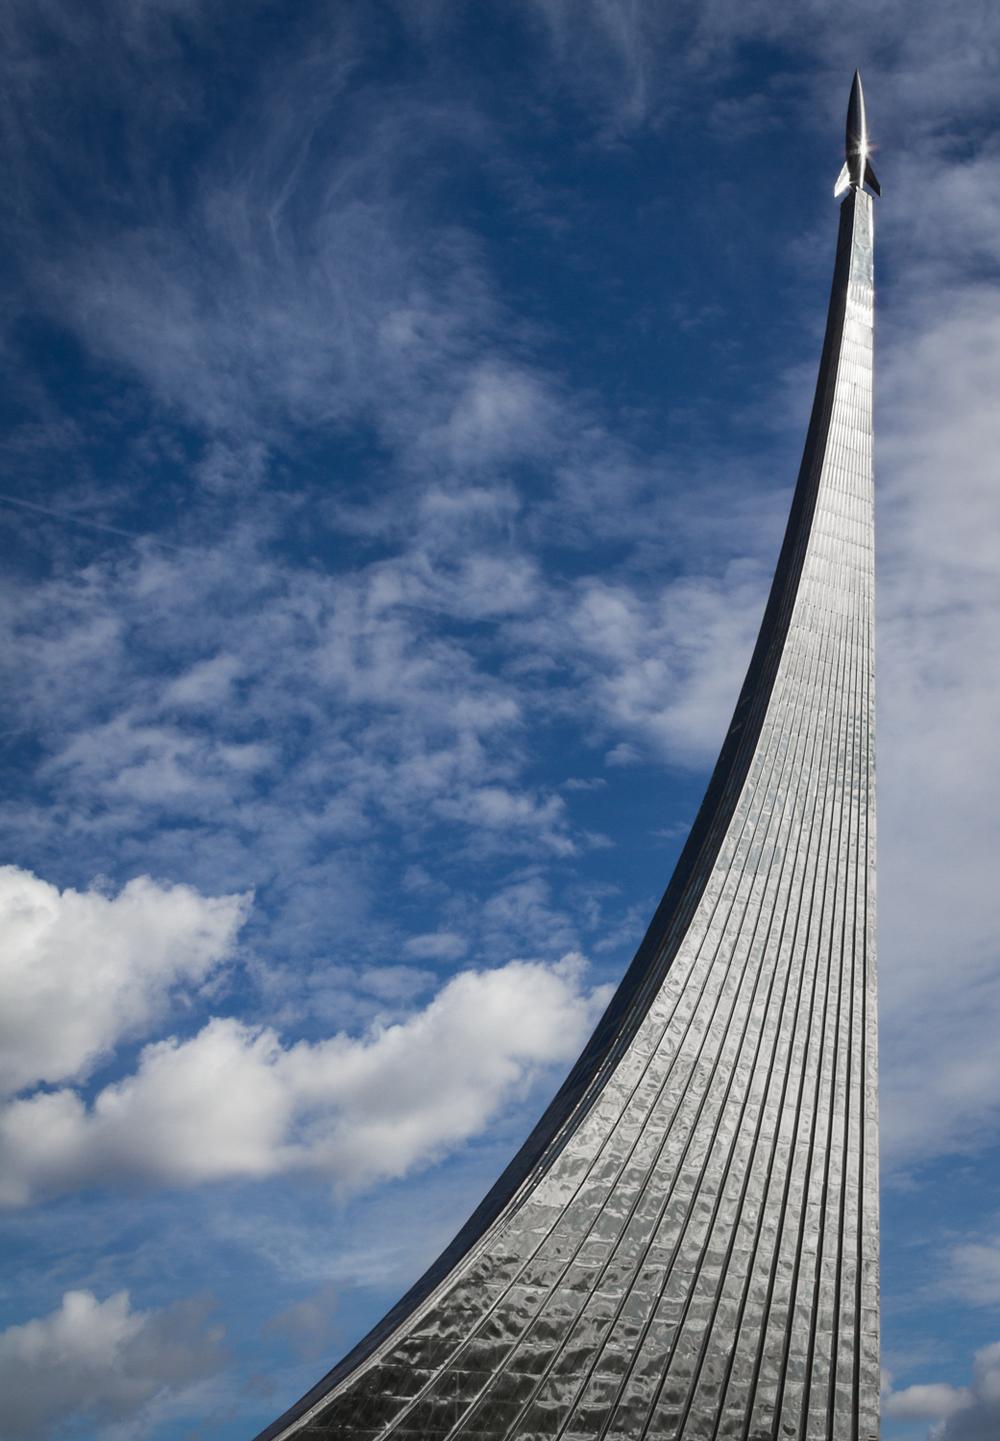 Cosmonaut Obelisk, ВДНХ, Moscow